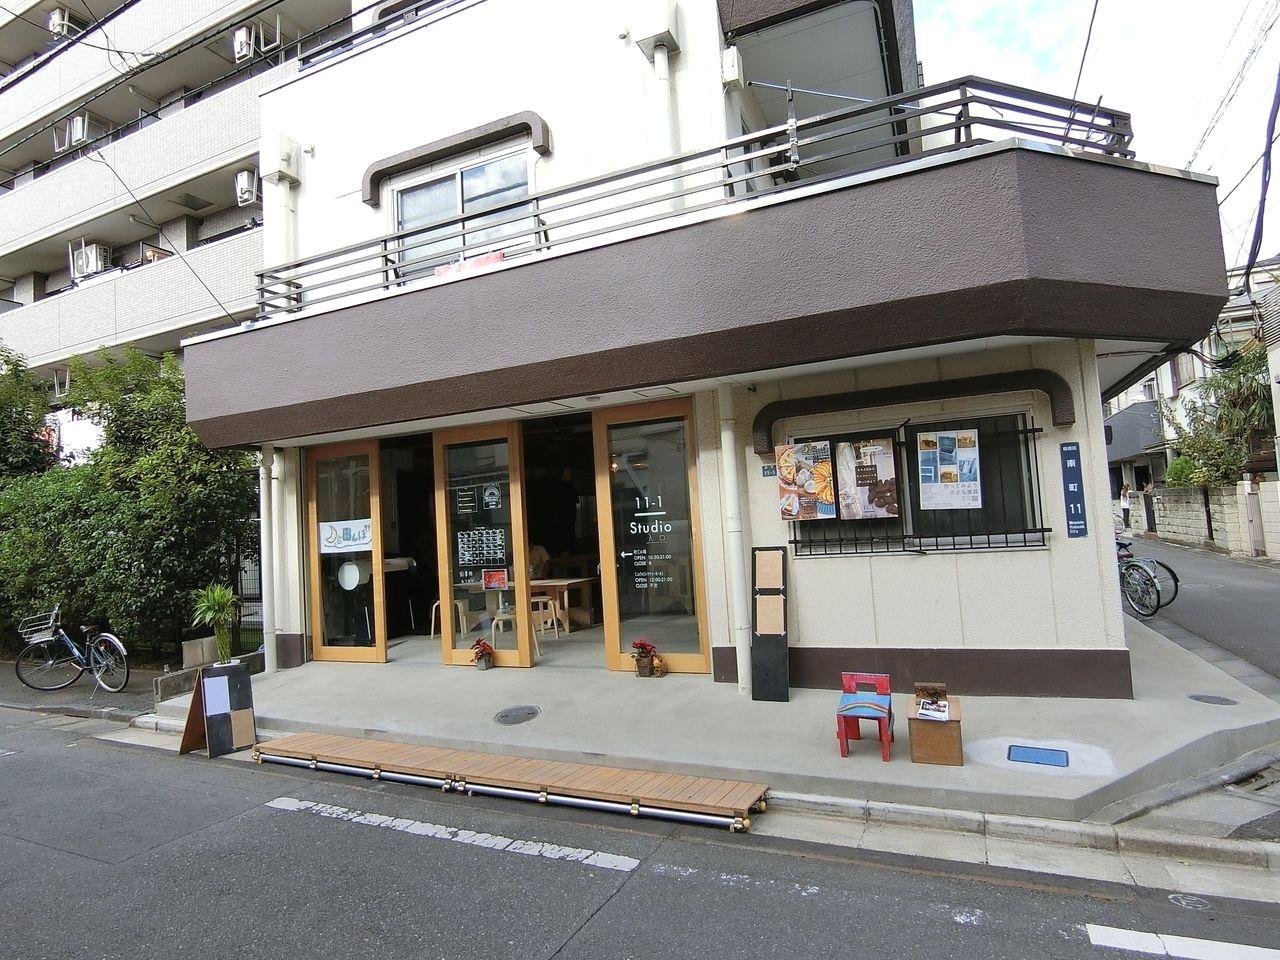 板橋区南町のシェア工房&日替わりカフェ「11-1 studio」